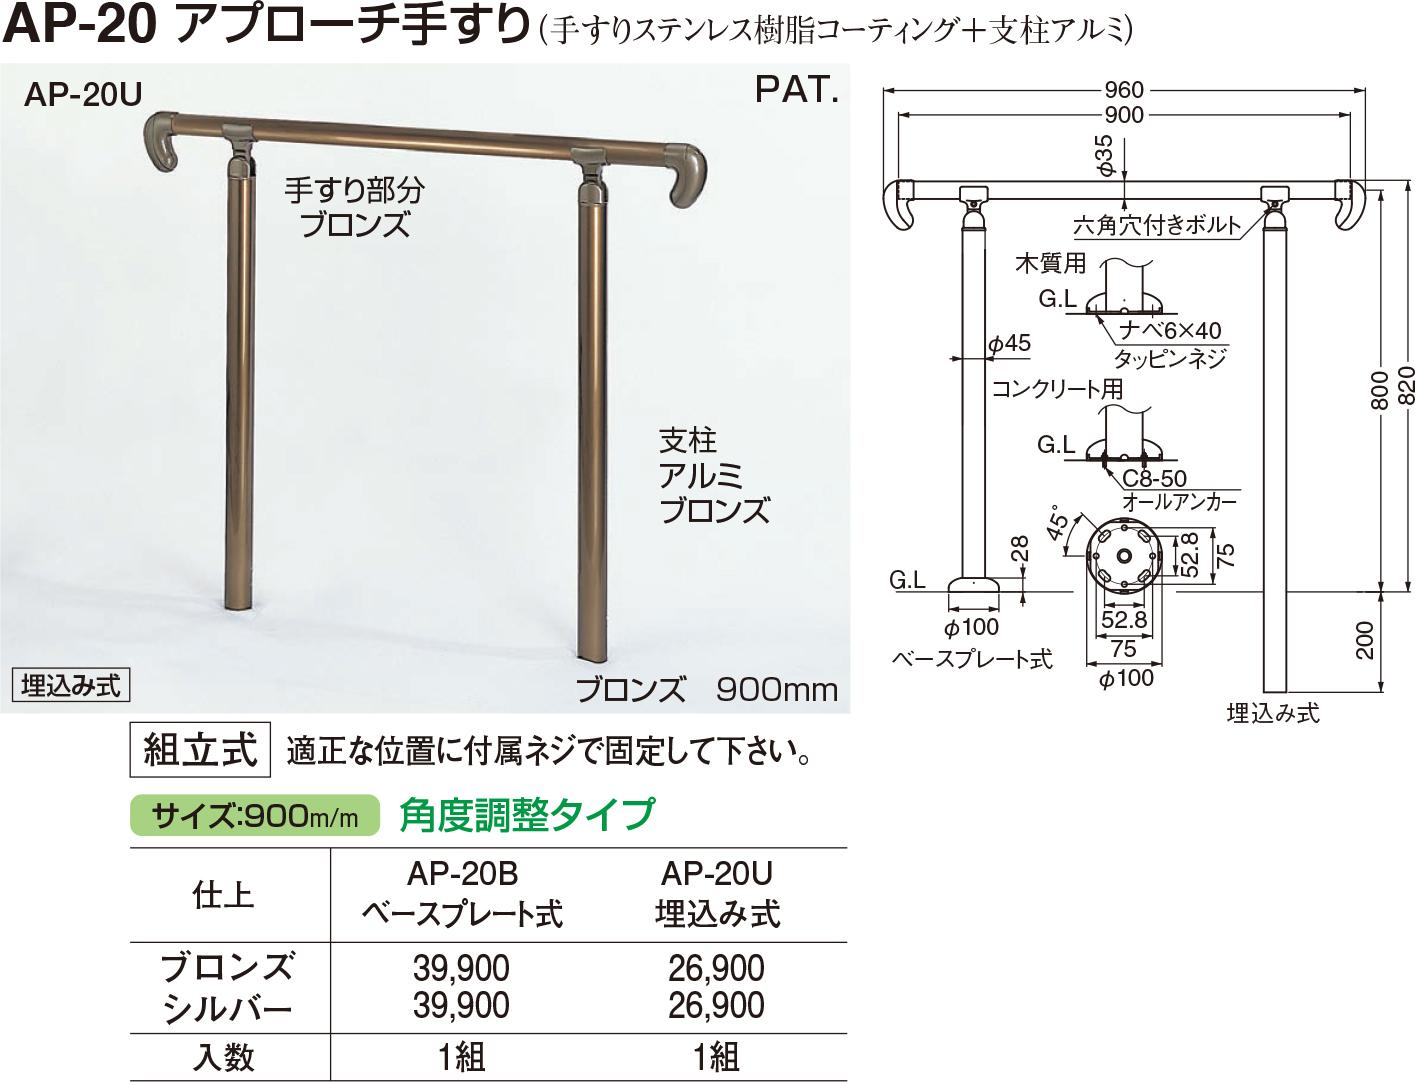 【シロクマ】アプローチ手すり(U) AP-20U ブロンズ